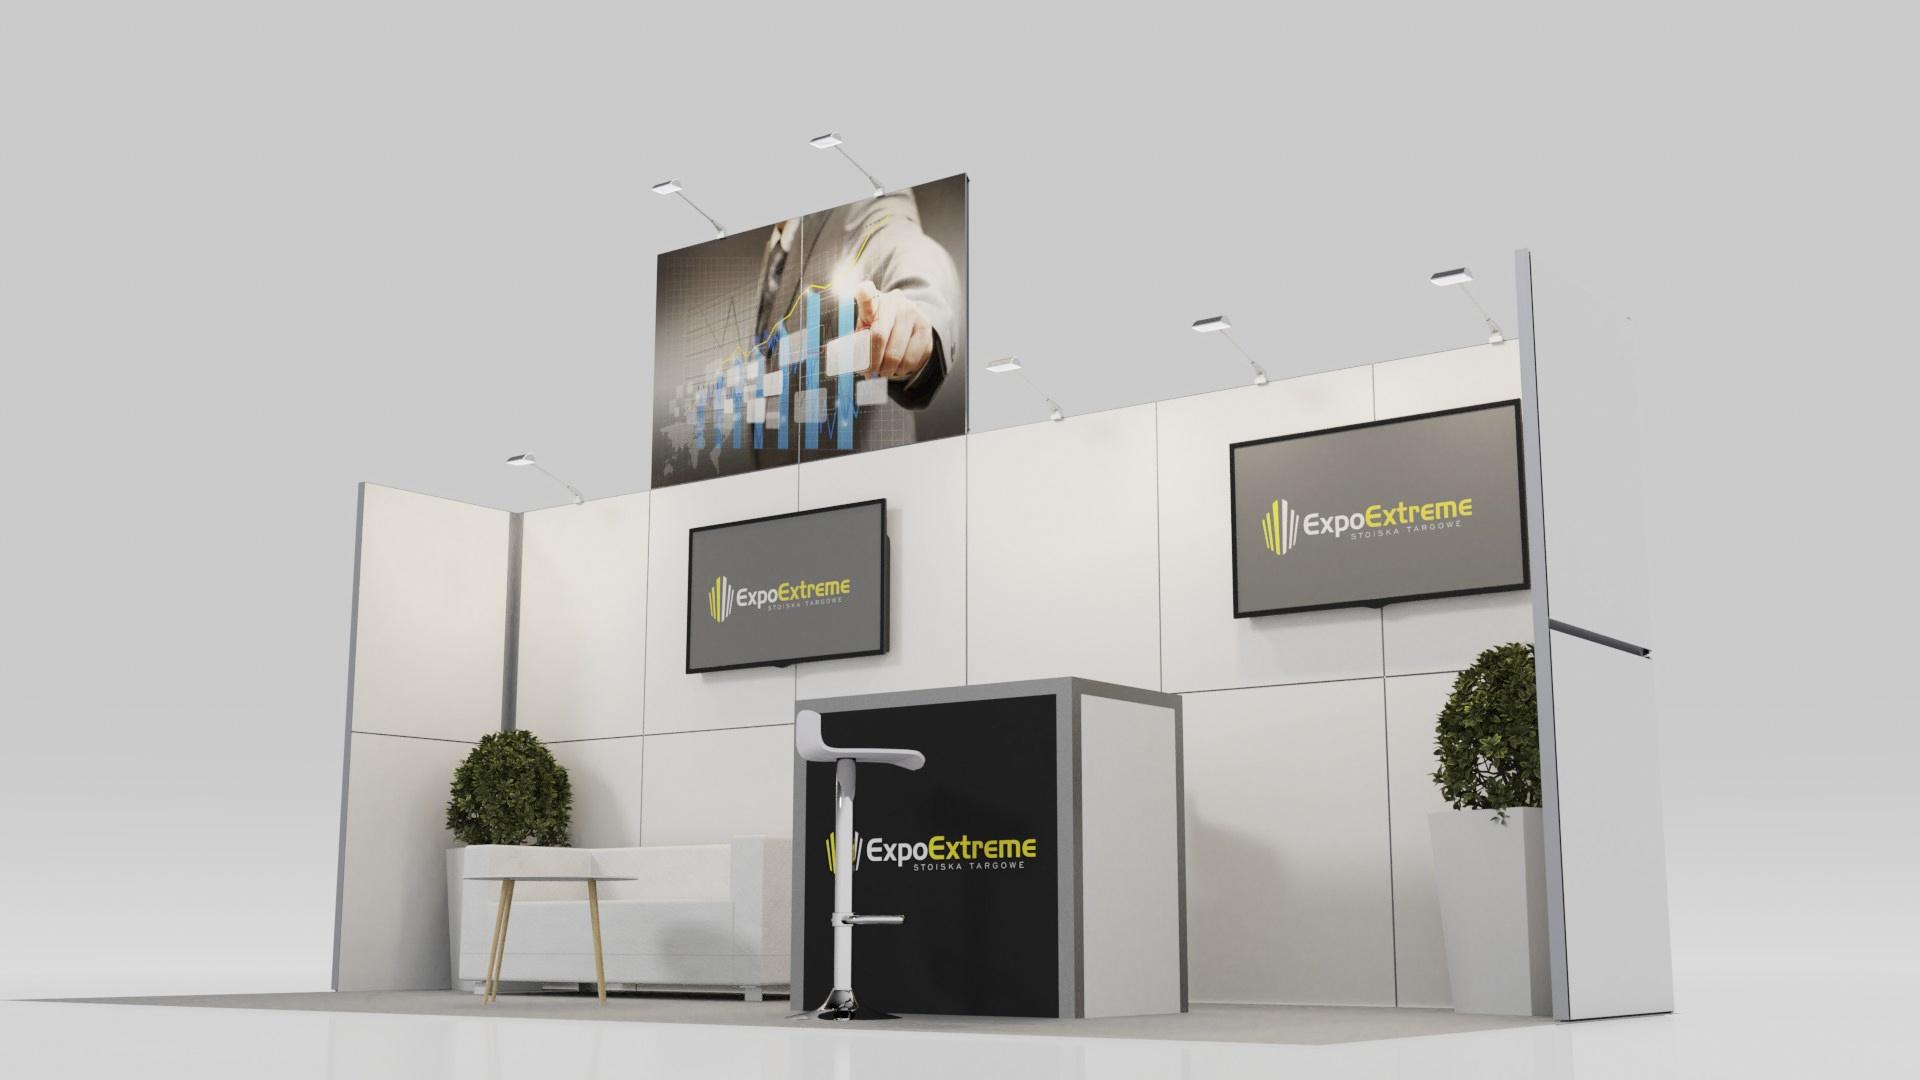 Małe modułowe stoisko konferencyjne